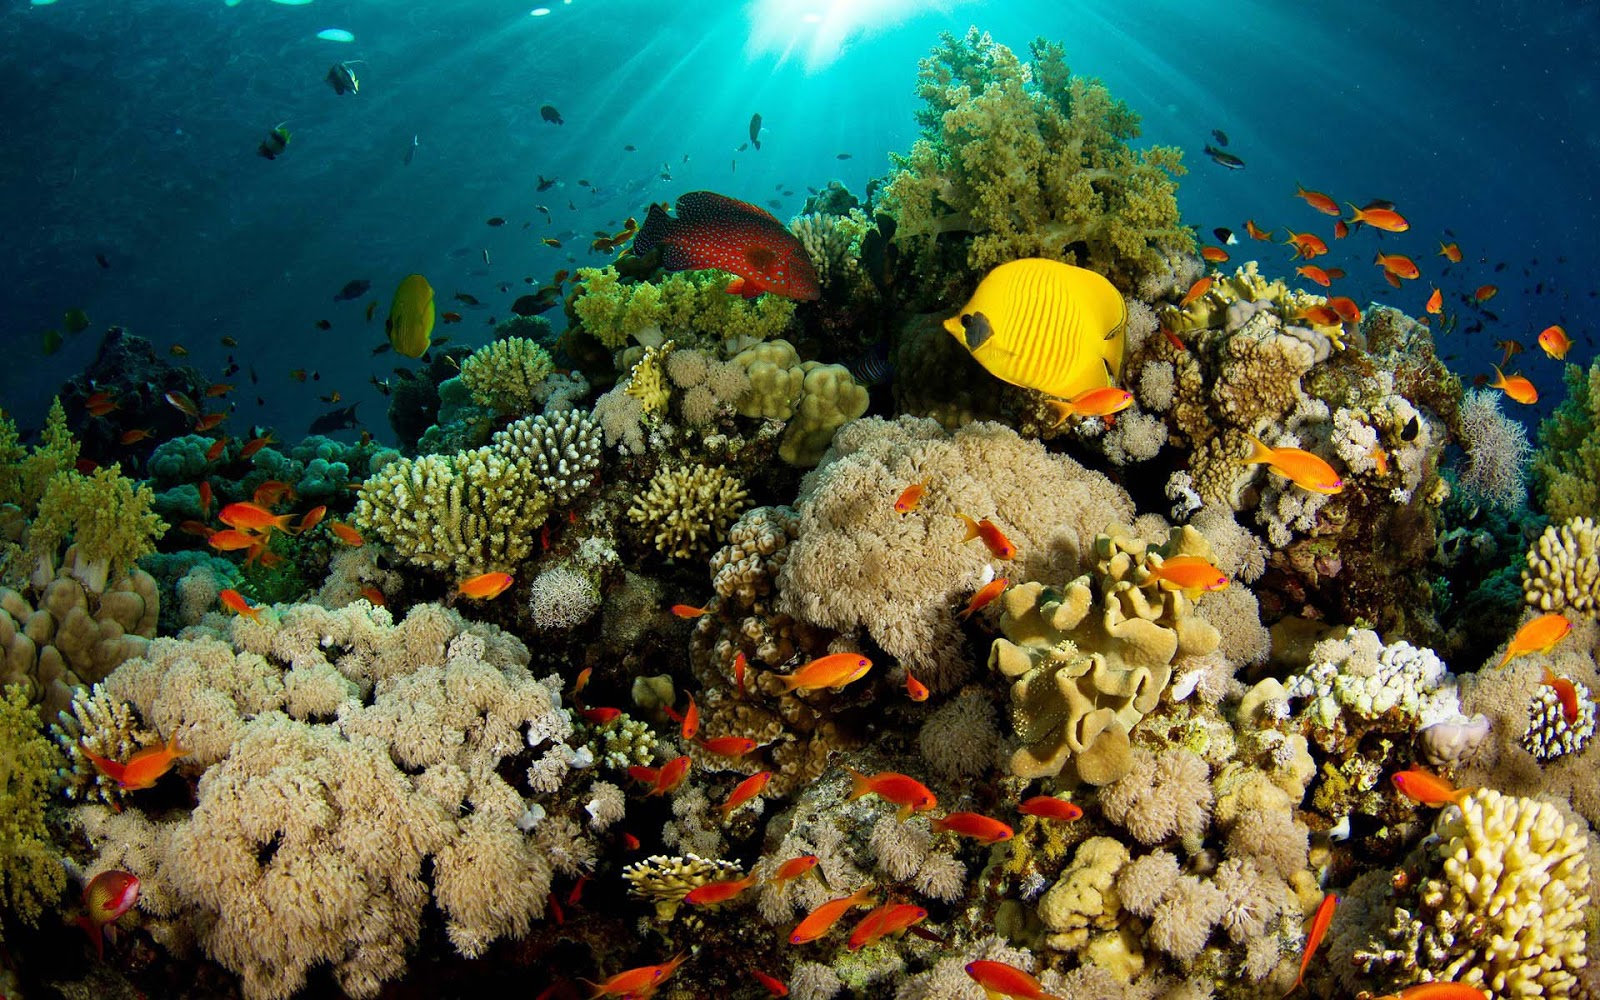 Widescreen Desktop Reef Fish Wallpaper - WallpaperSafari  Coral Reef Wallpaper 1920x1080